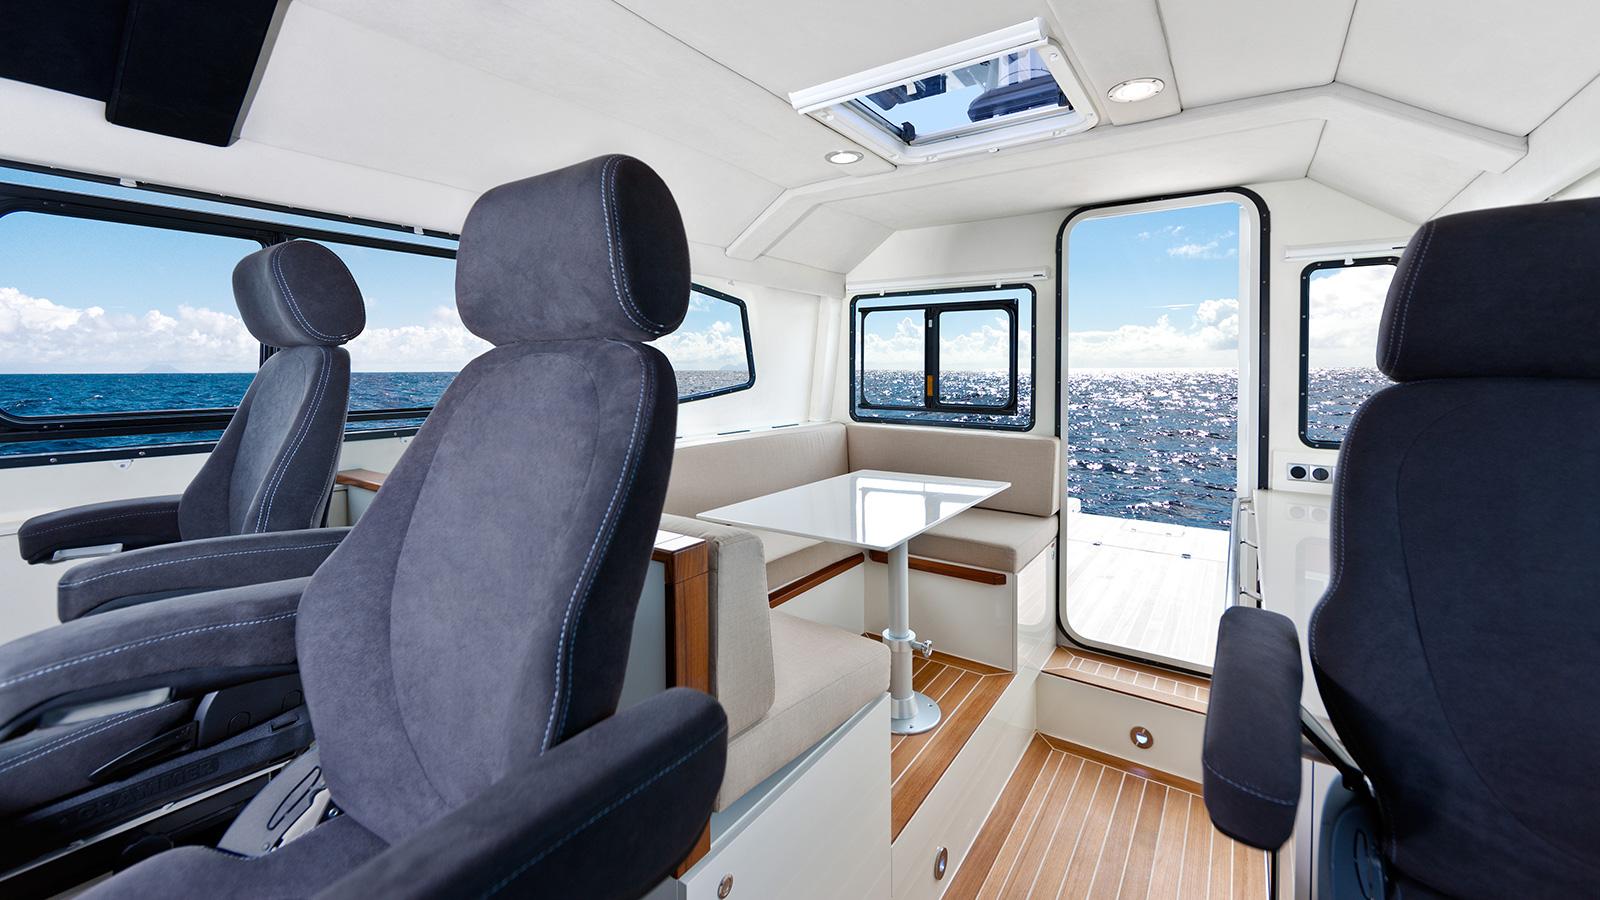 Rupert-50-interior2-small.jpg